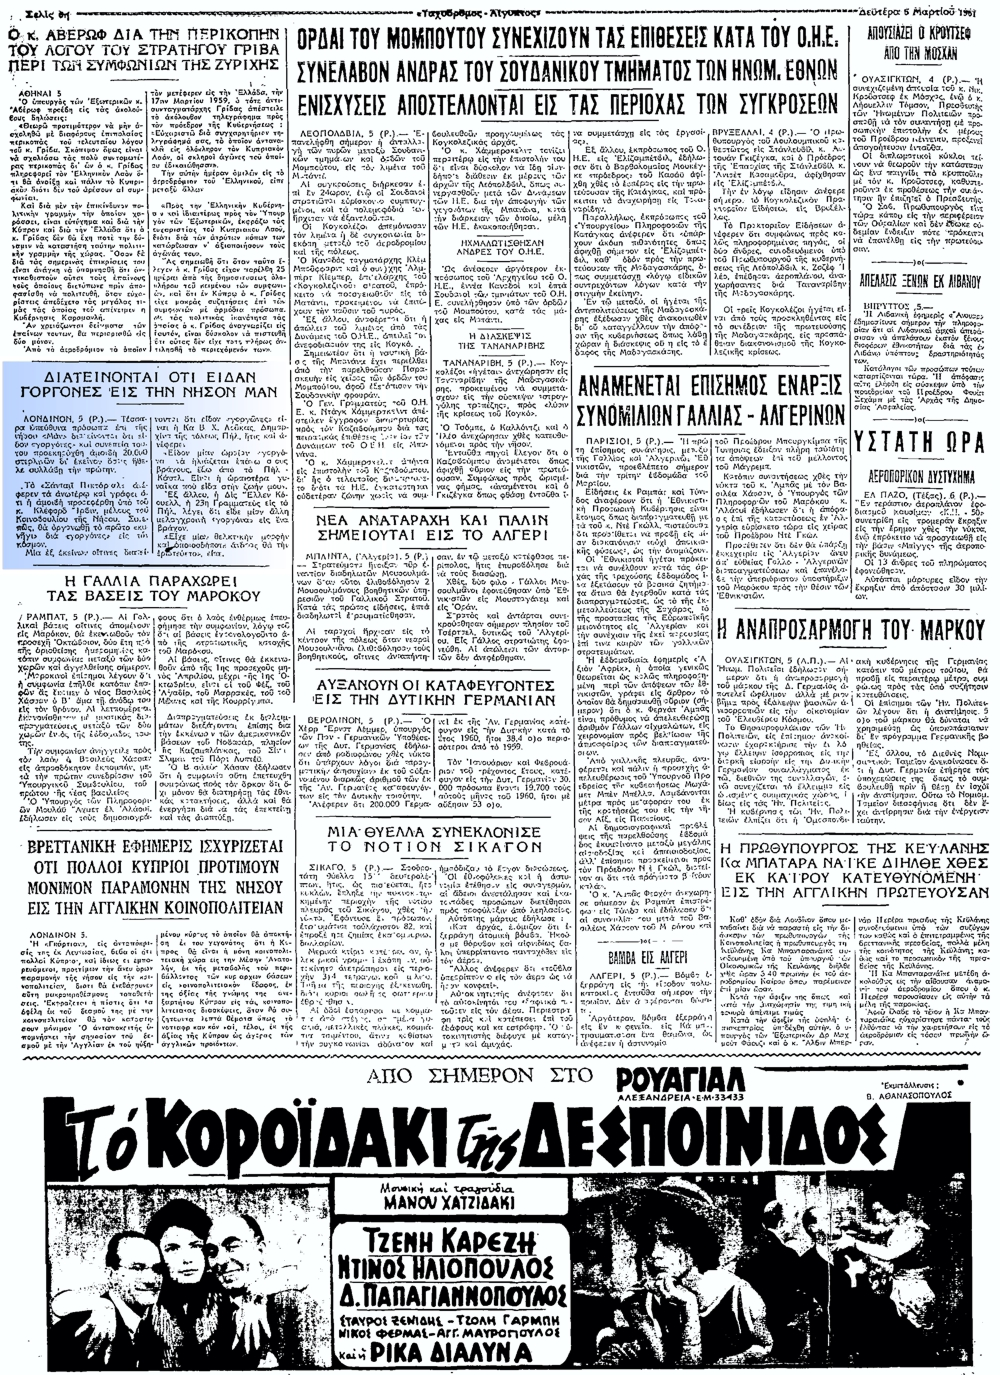 """Το άρθρο, όπως δημοσιεύθηκε στην εφημερίδα """"ΤΑΧΥΔΡΟΜΟΣ"""", στις 06/03/1961"""